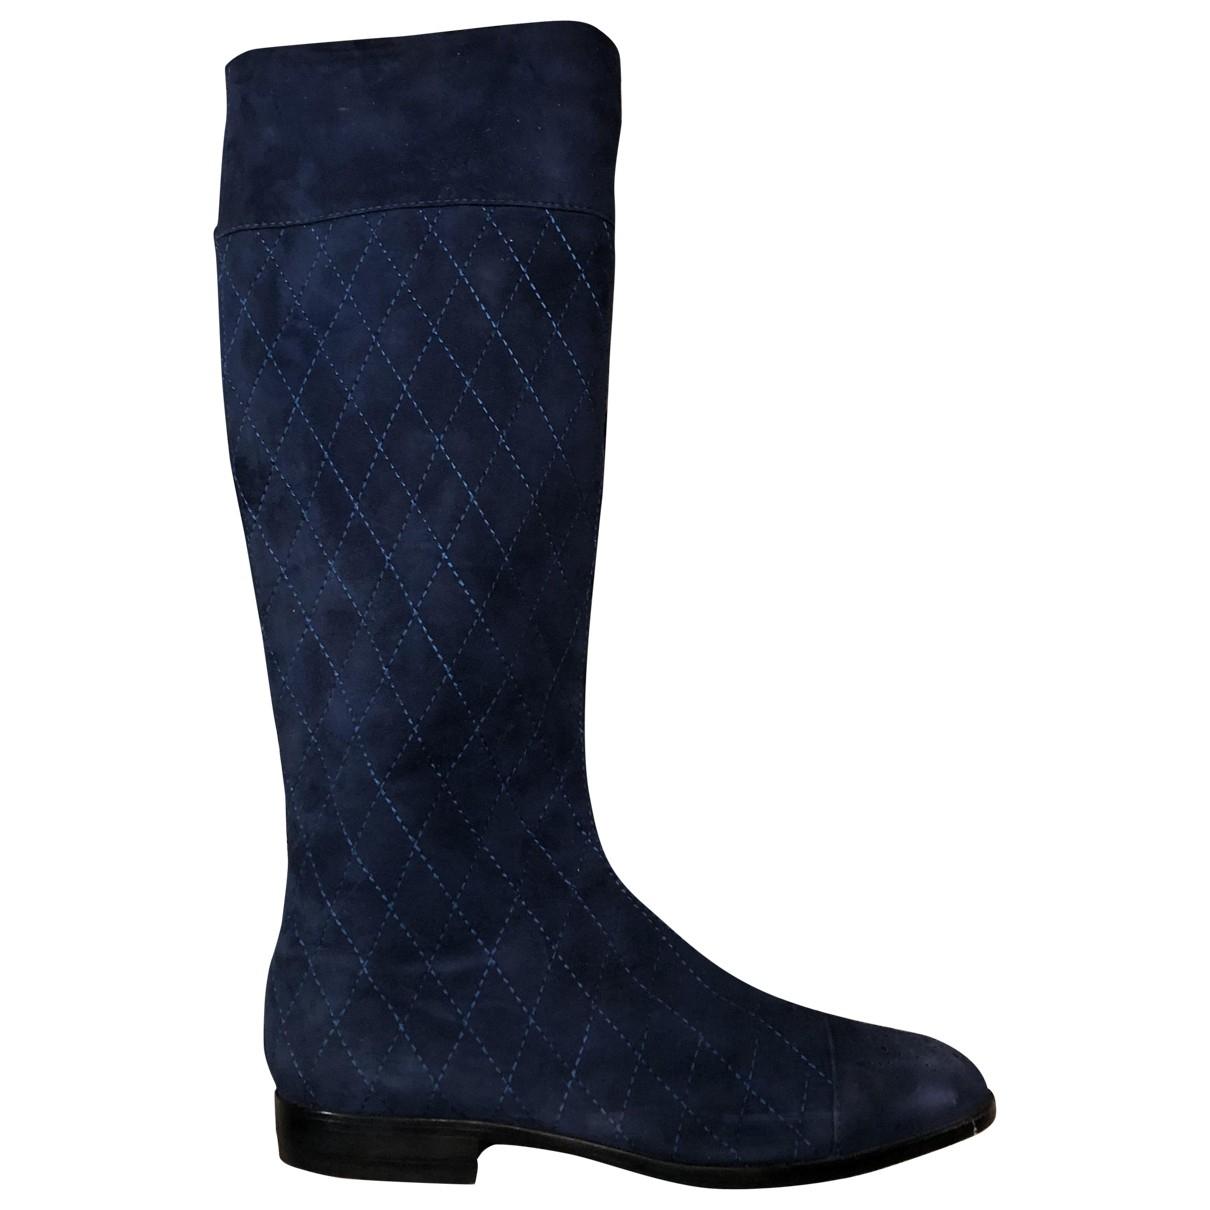 Gianni Versace - Bottes   pour femme en suede - bleu